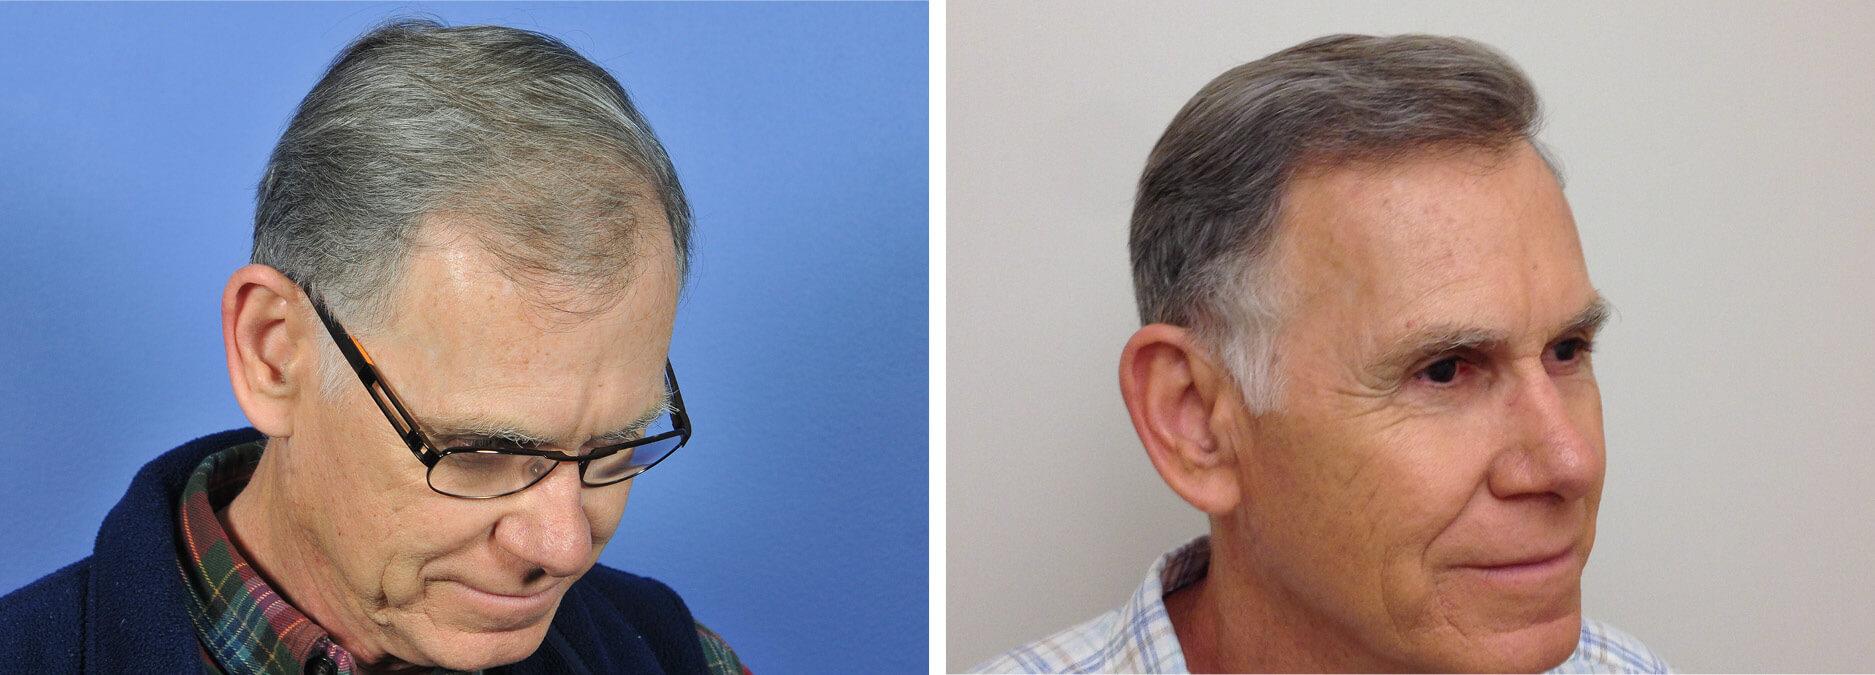 محدودیت های کاشت مو برای سالمندان